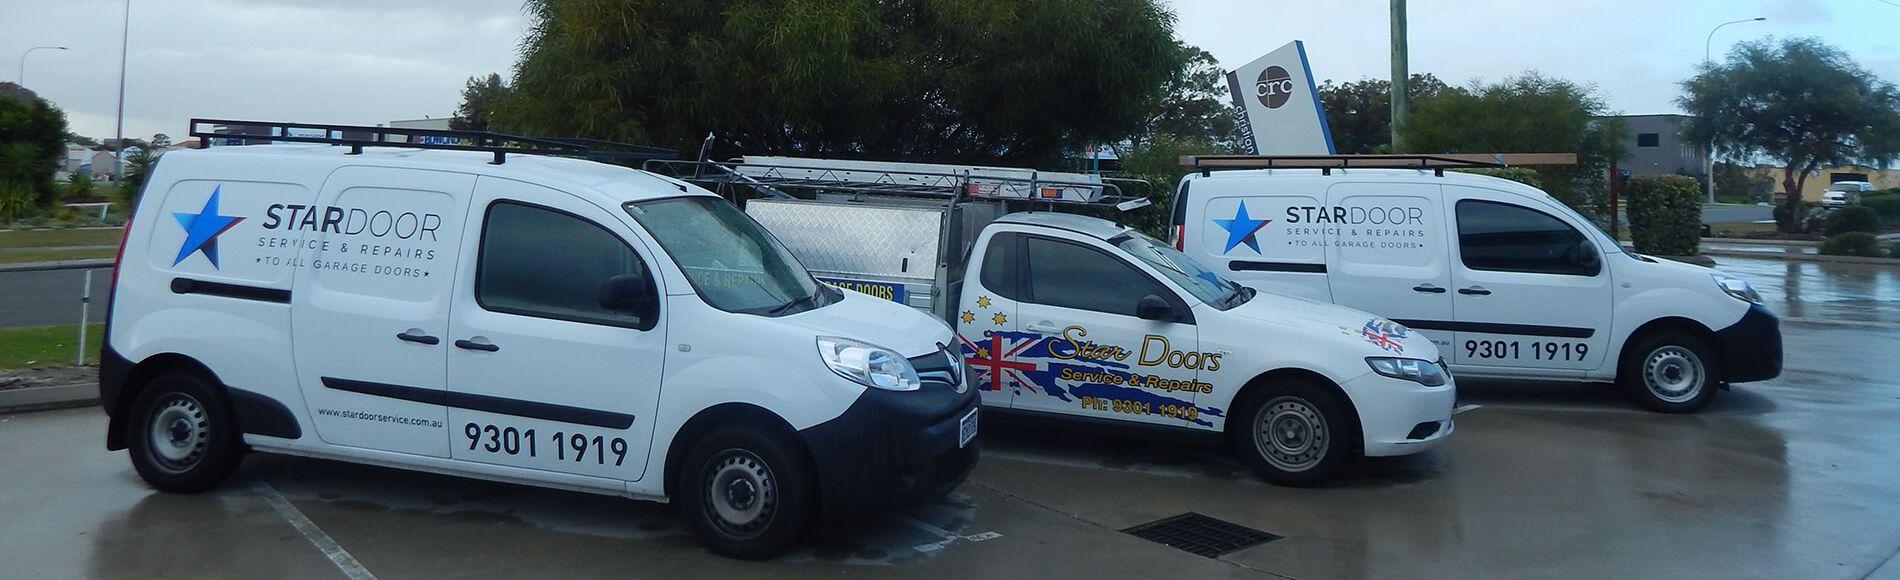 Garage Roller Door Repair Stardoorservice Perth